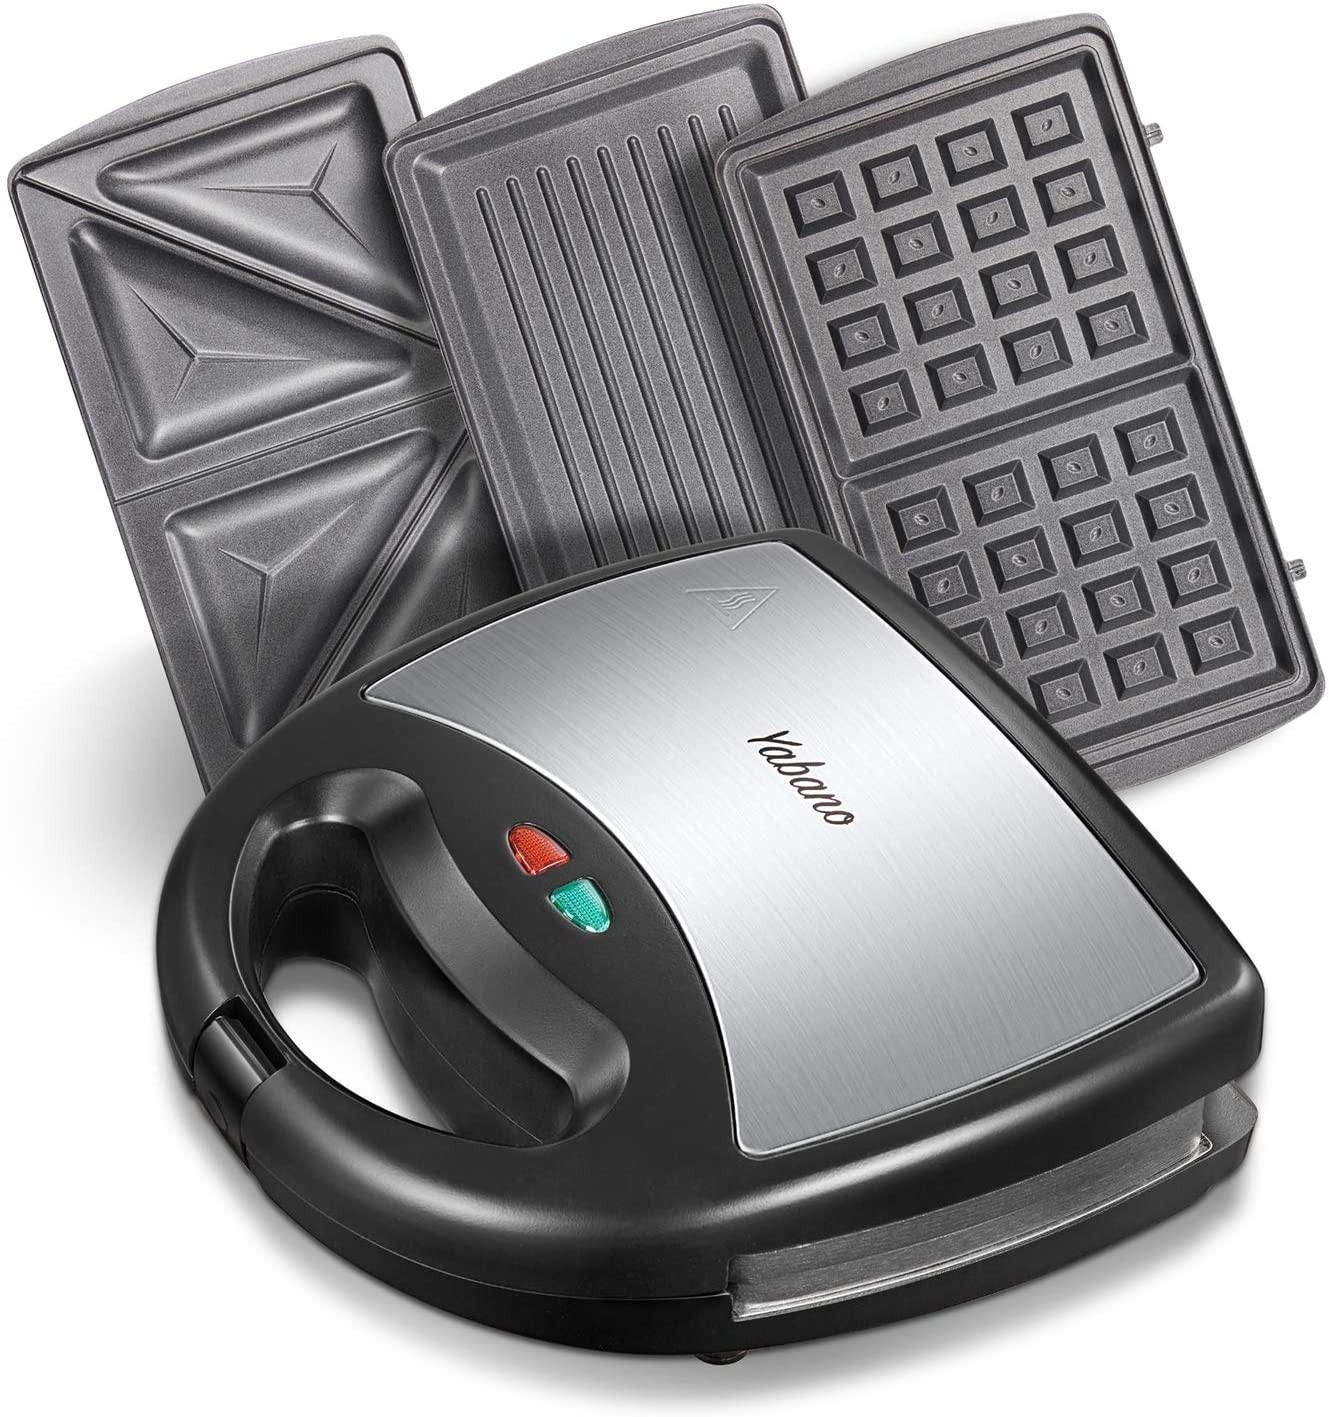 أفضل أنواع آلة صنع البان كيك ـآلة صنع البان كيك من بلاك اند ديكر